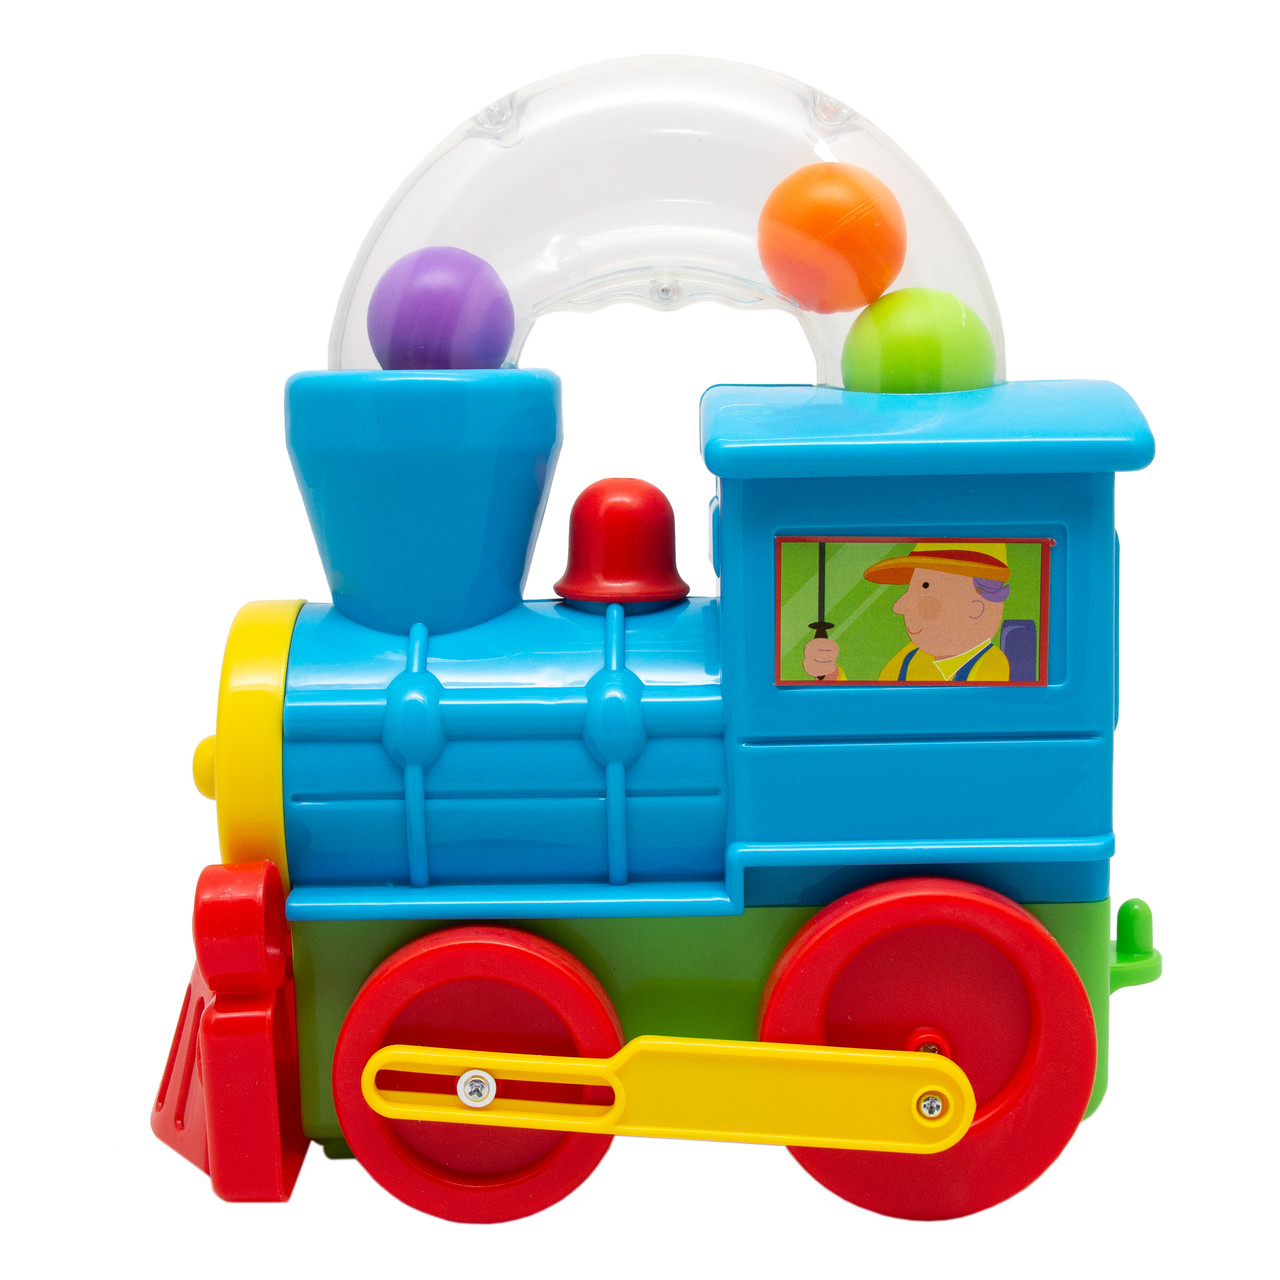 Игровой набор DEVIK Baby Паровоз с шариками, 24*27 см, голубой, пластик.